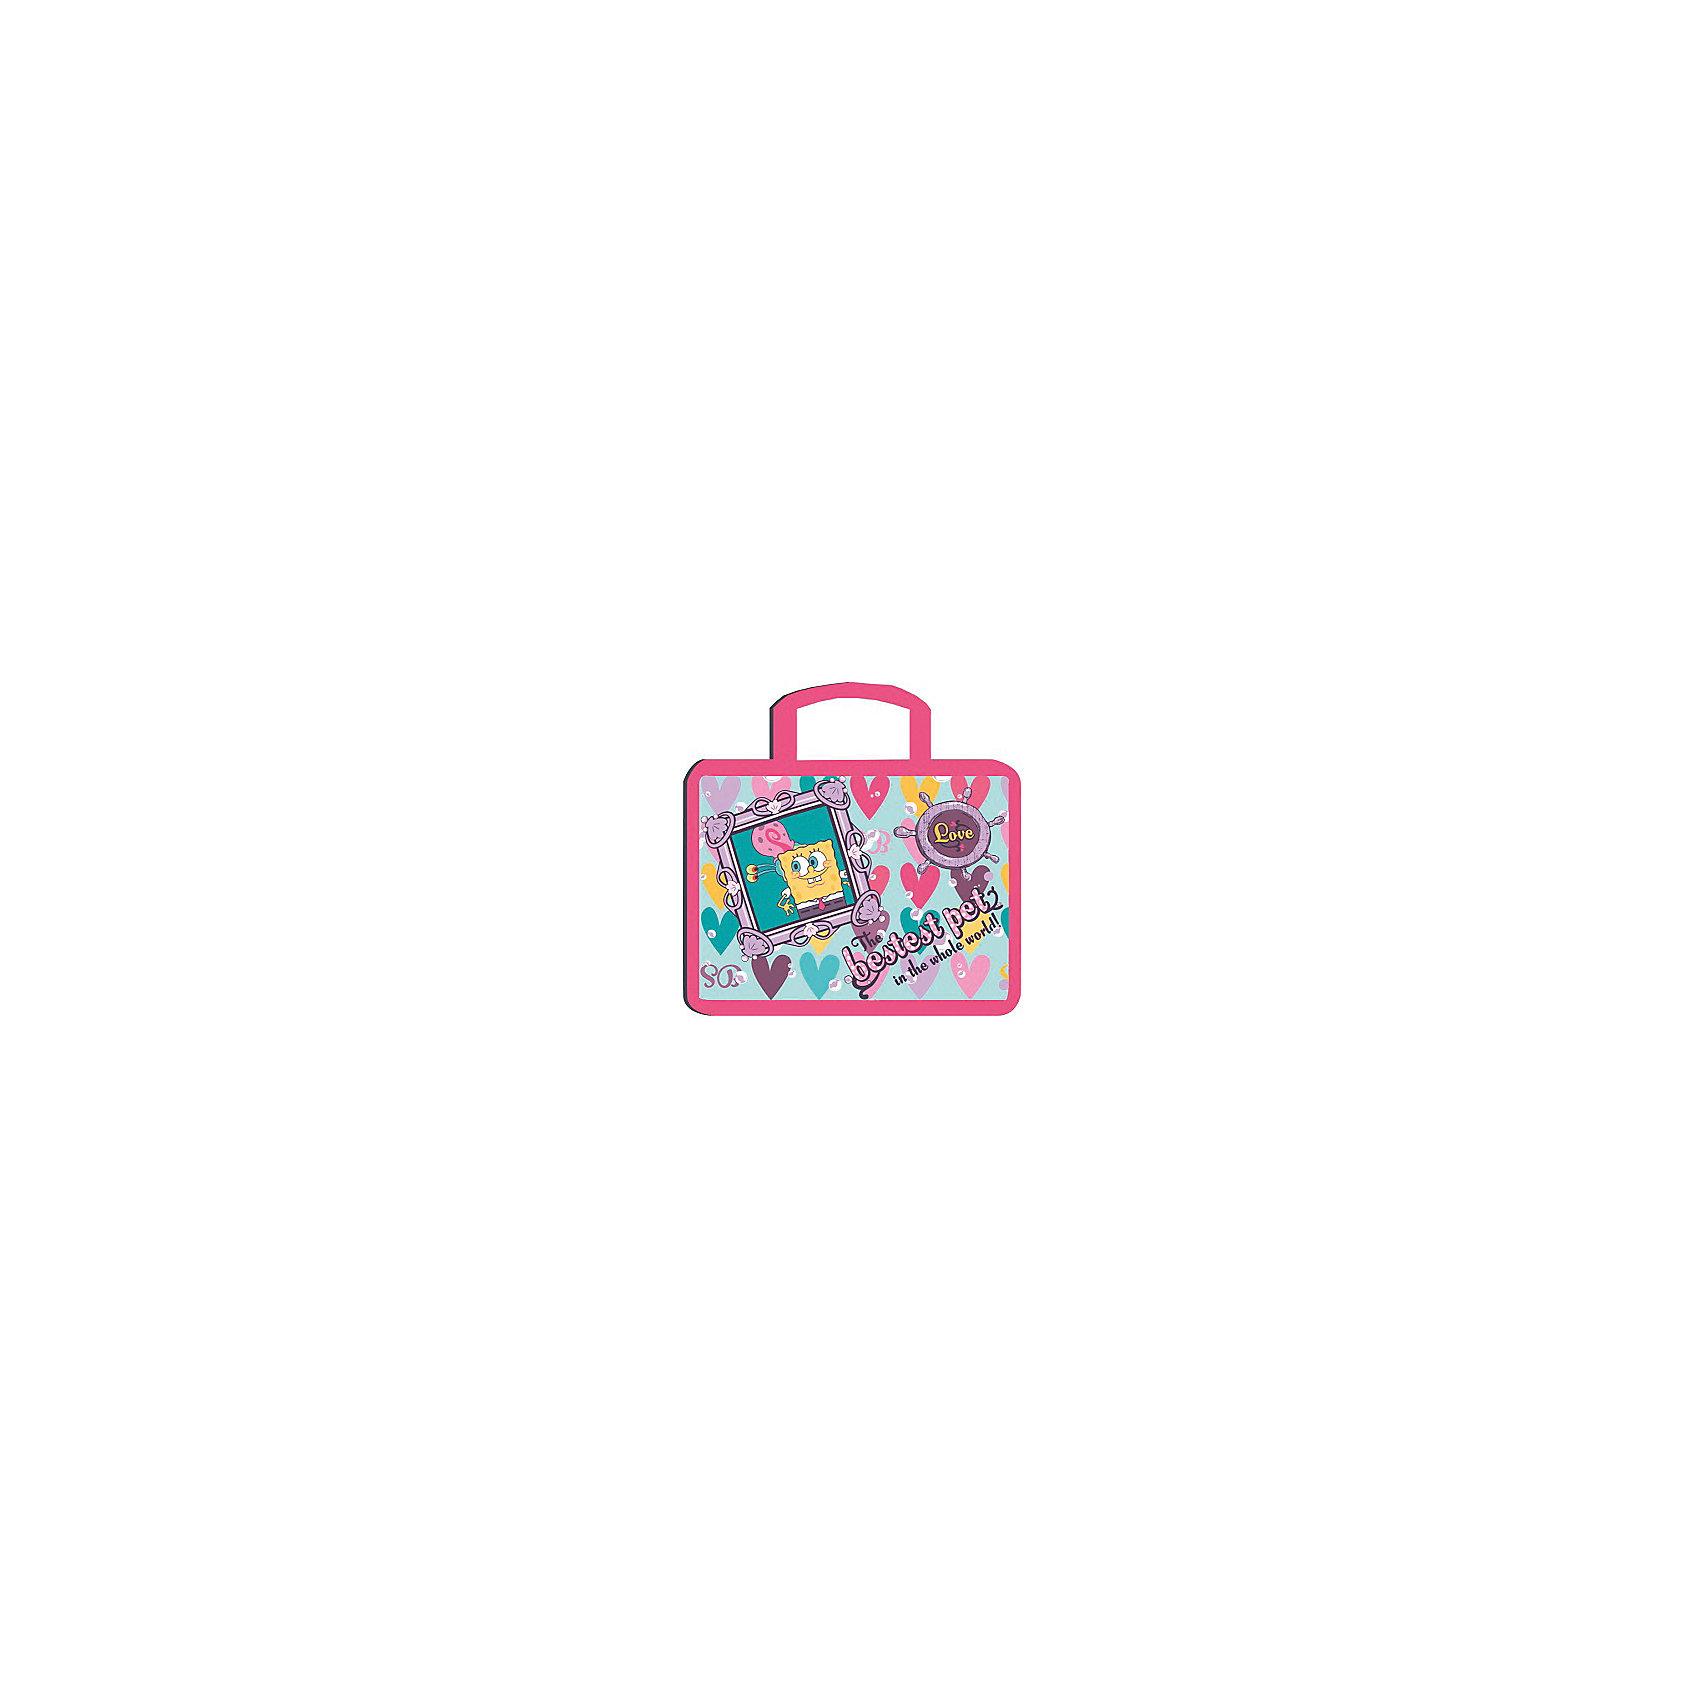 Текстильная папка-сумка Губка Боб А4Папки для дополнительных занятий<br>Яркая текстильная папка-сумка Губка Боб станет лучшим спутником Вашего ребенка на занятиях. В ней удобно носить канцелярские принадлежности, альбом, краски, тетради. Универсальный формат А4, удобные ручки, застежка-молния и позитивный принт - идеальный вариант для маленьких непосед. <br><br>Дополнительная информация:<br>- материал: текстиль<br>- размер: 35х4х26 см (формат А4)<br>- застежка-молния<br><br>Текстильную папку-сумку Губка Боб можно купить в нашем интернет-магазине.<br><br>Ширина мм: 40<br>Глубина мм: 260<br>Высота мм: 350<br>Вес г: 160<br>Возраст от месяцев: 36<br>Возраст до месяцев: 96<br>Пол: Унисекс<br>Возраст: Детский<br>SKU: 4616079